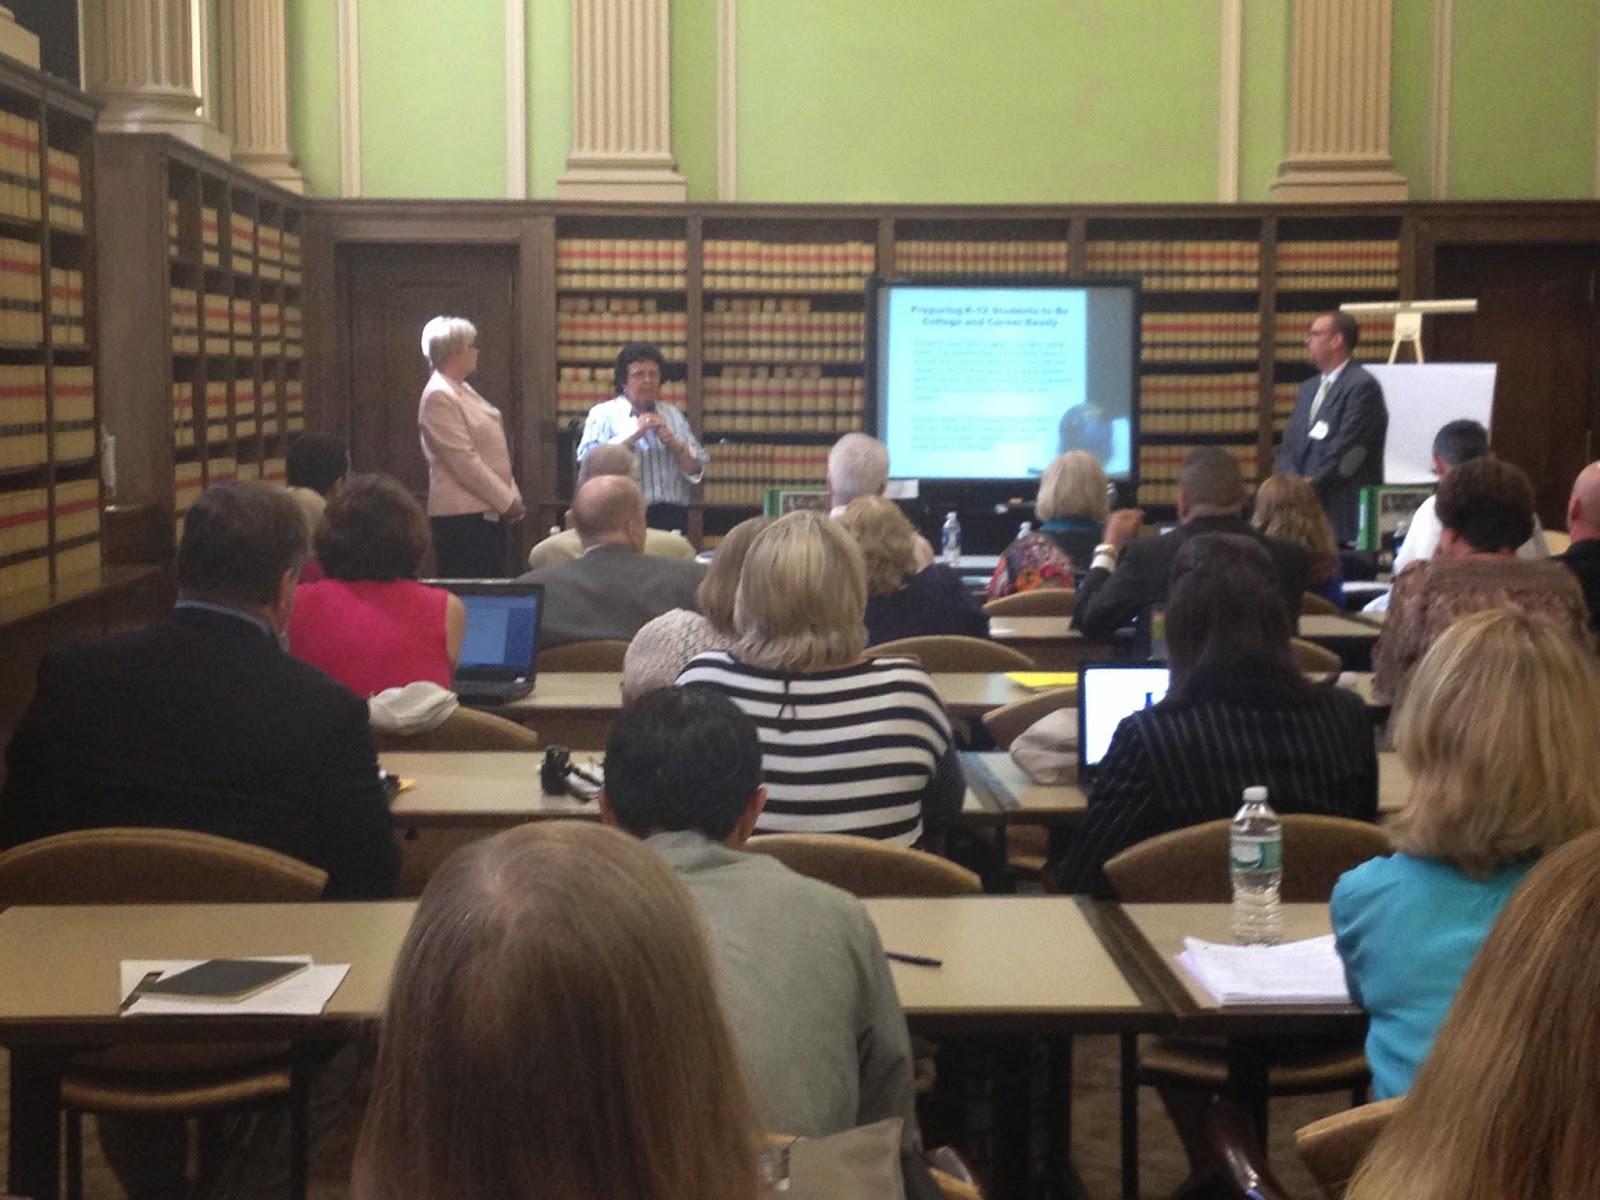 2014 School Library Summit in Albany, NY